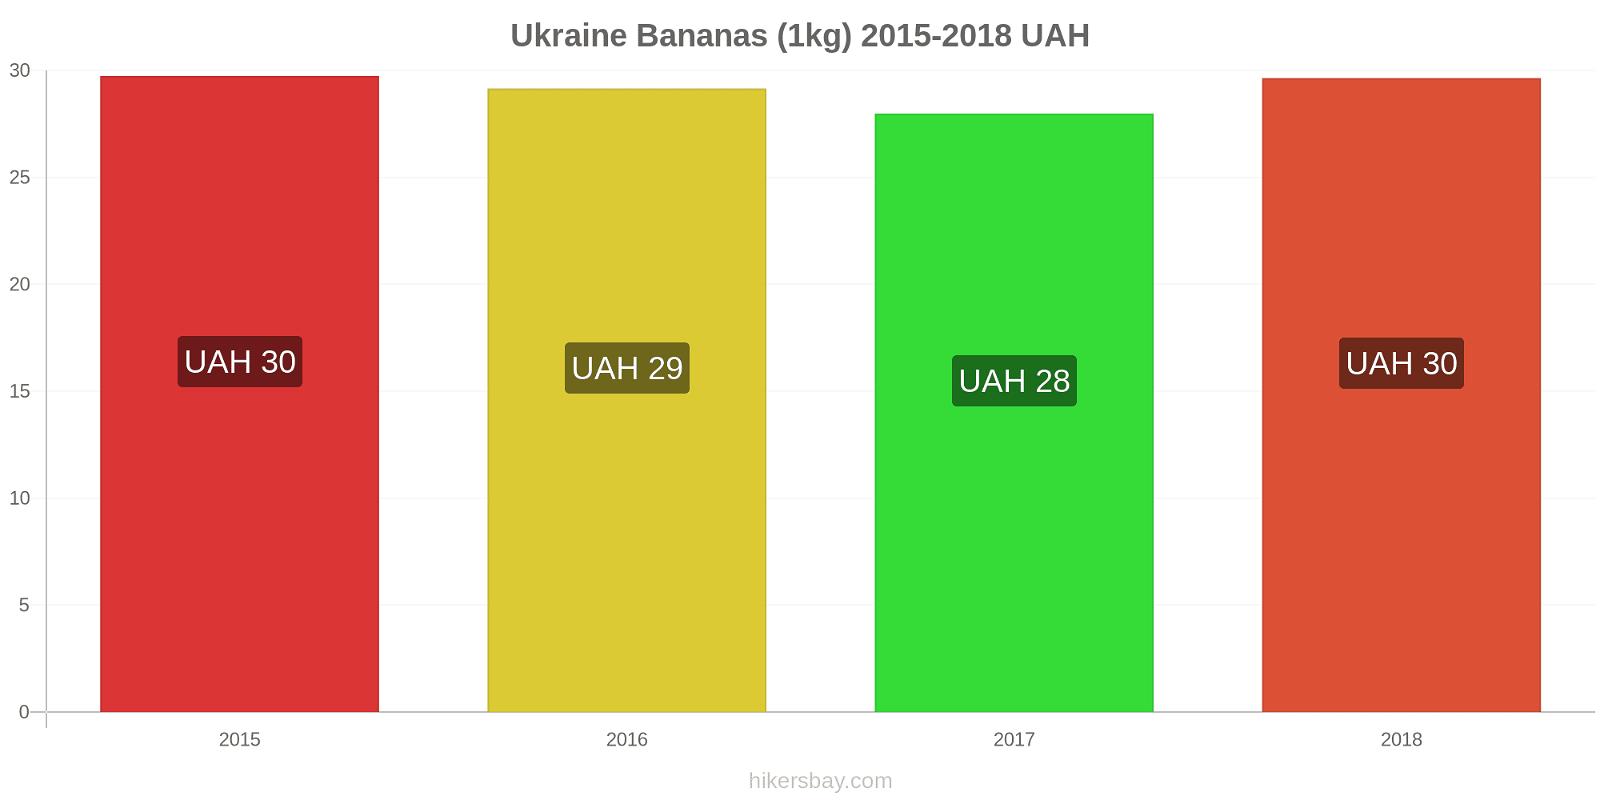 Ukraine price changes Bananas (1kg) hikersbay.com